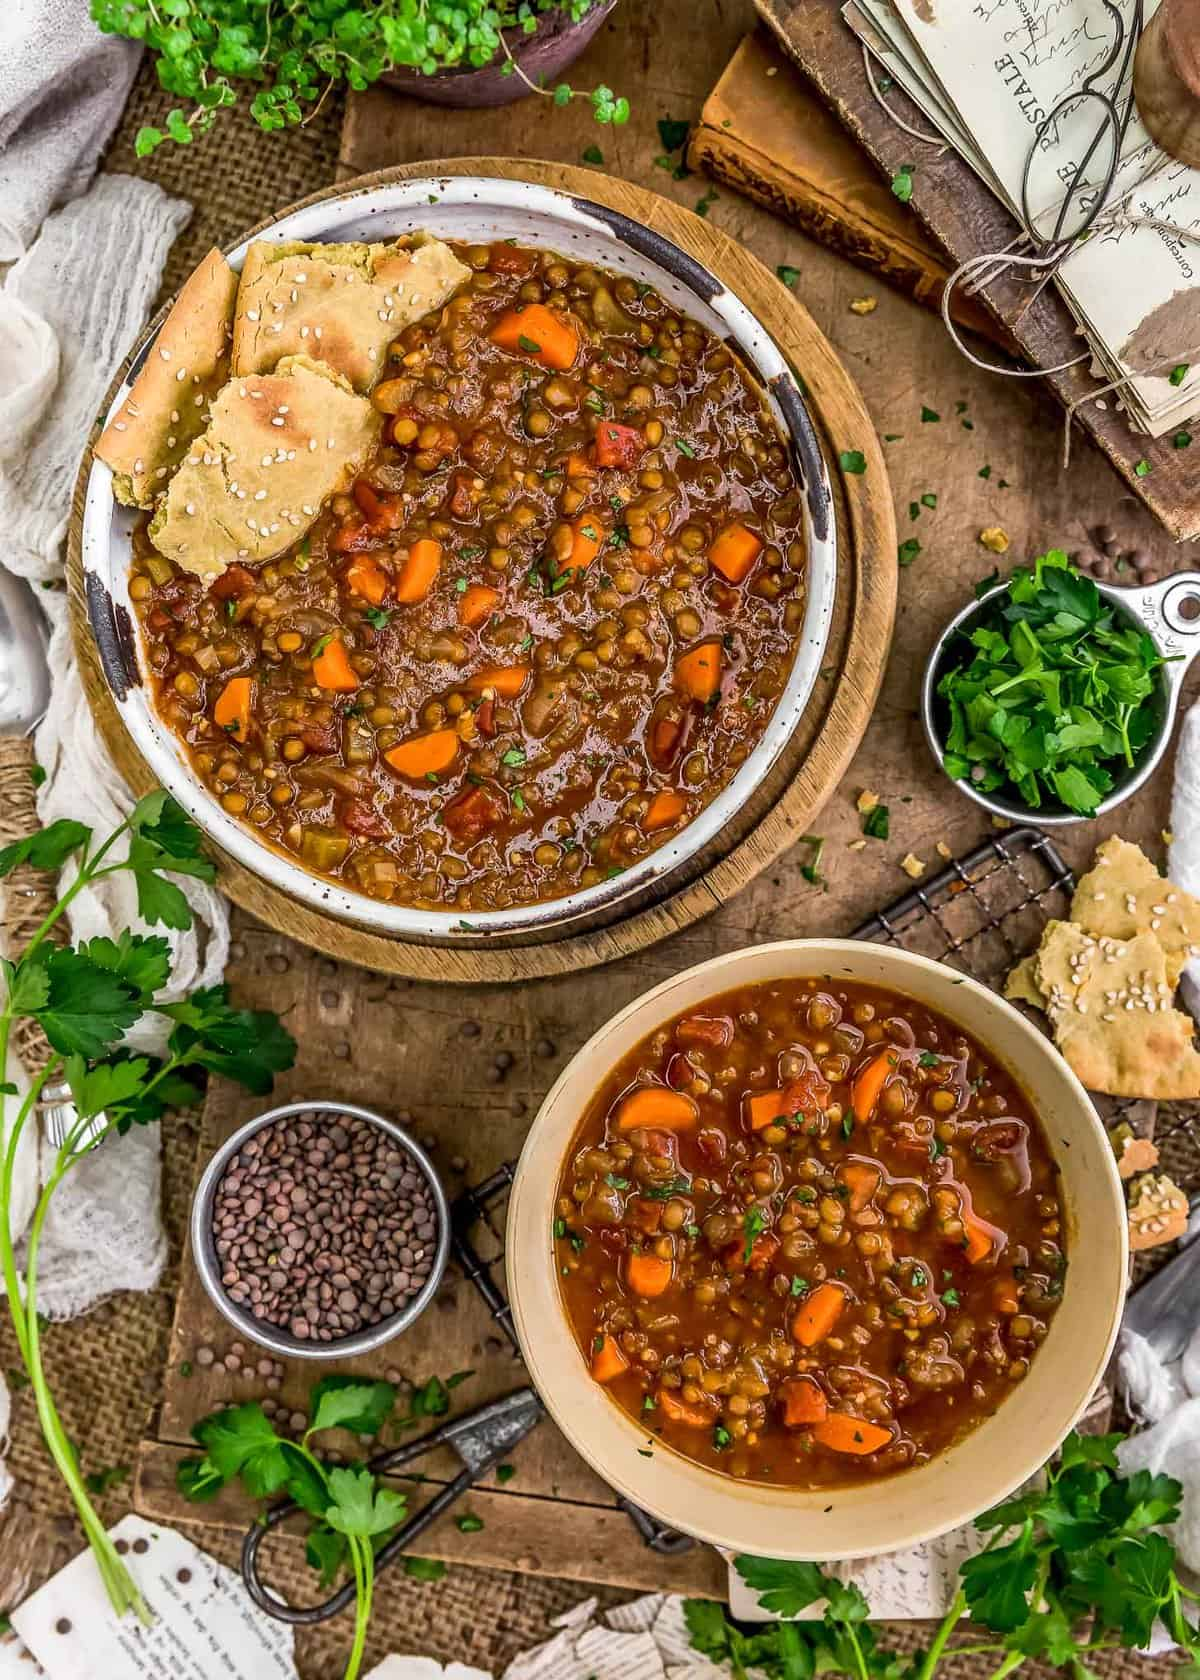 Tablescape of Warming Lentil Soup